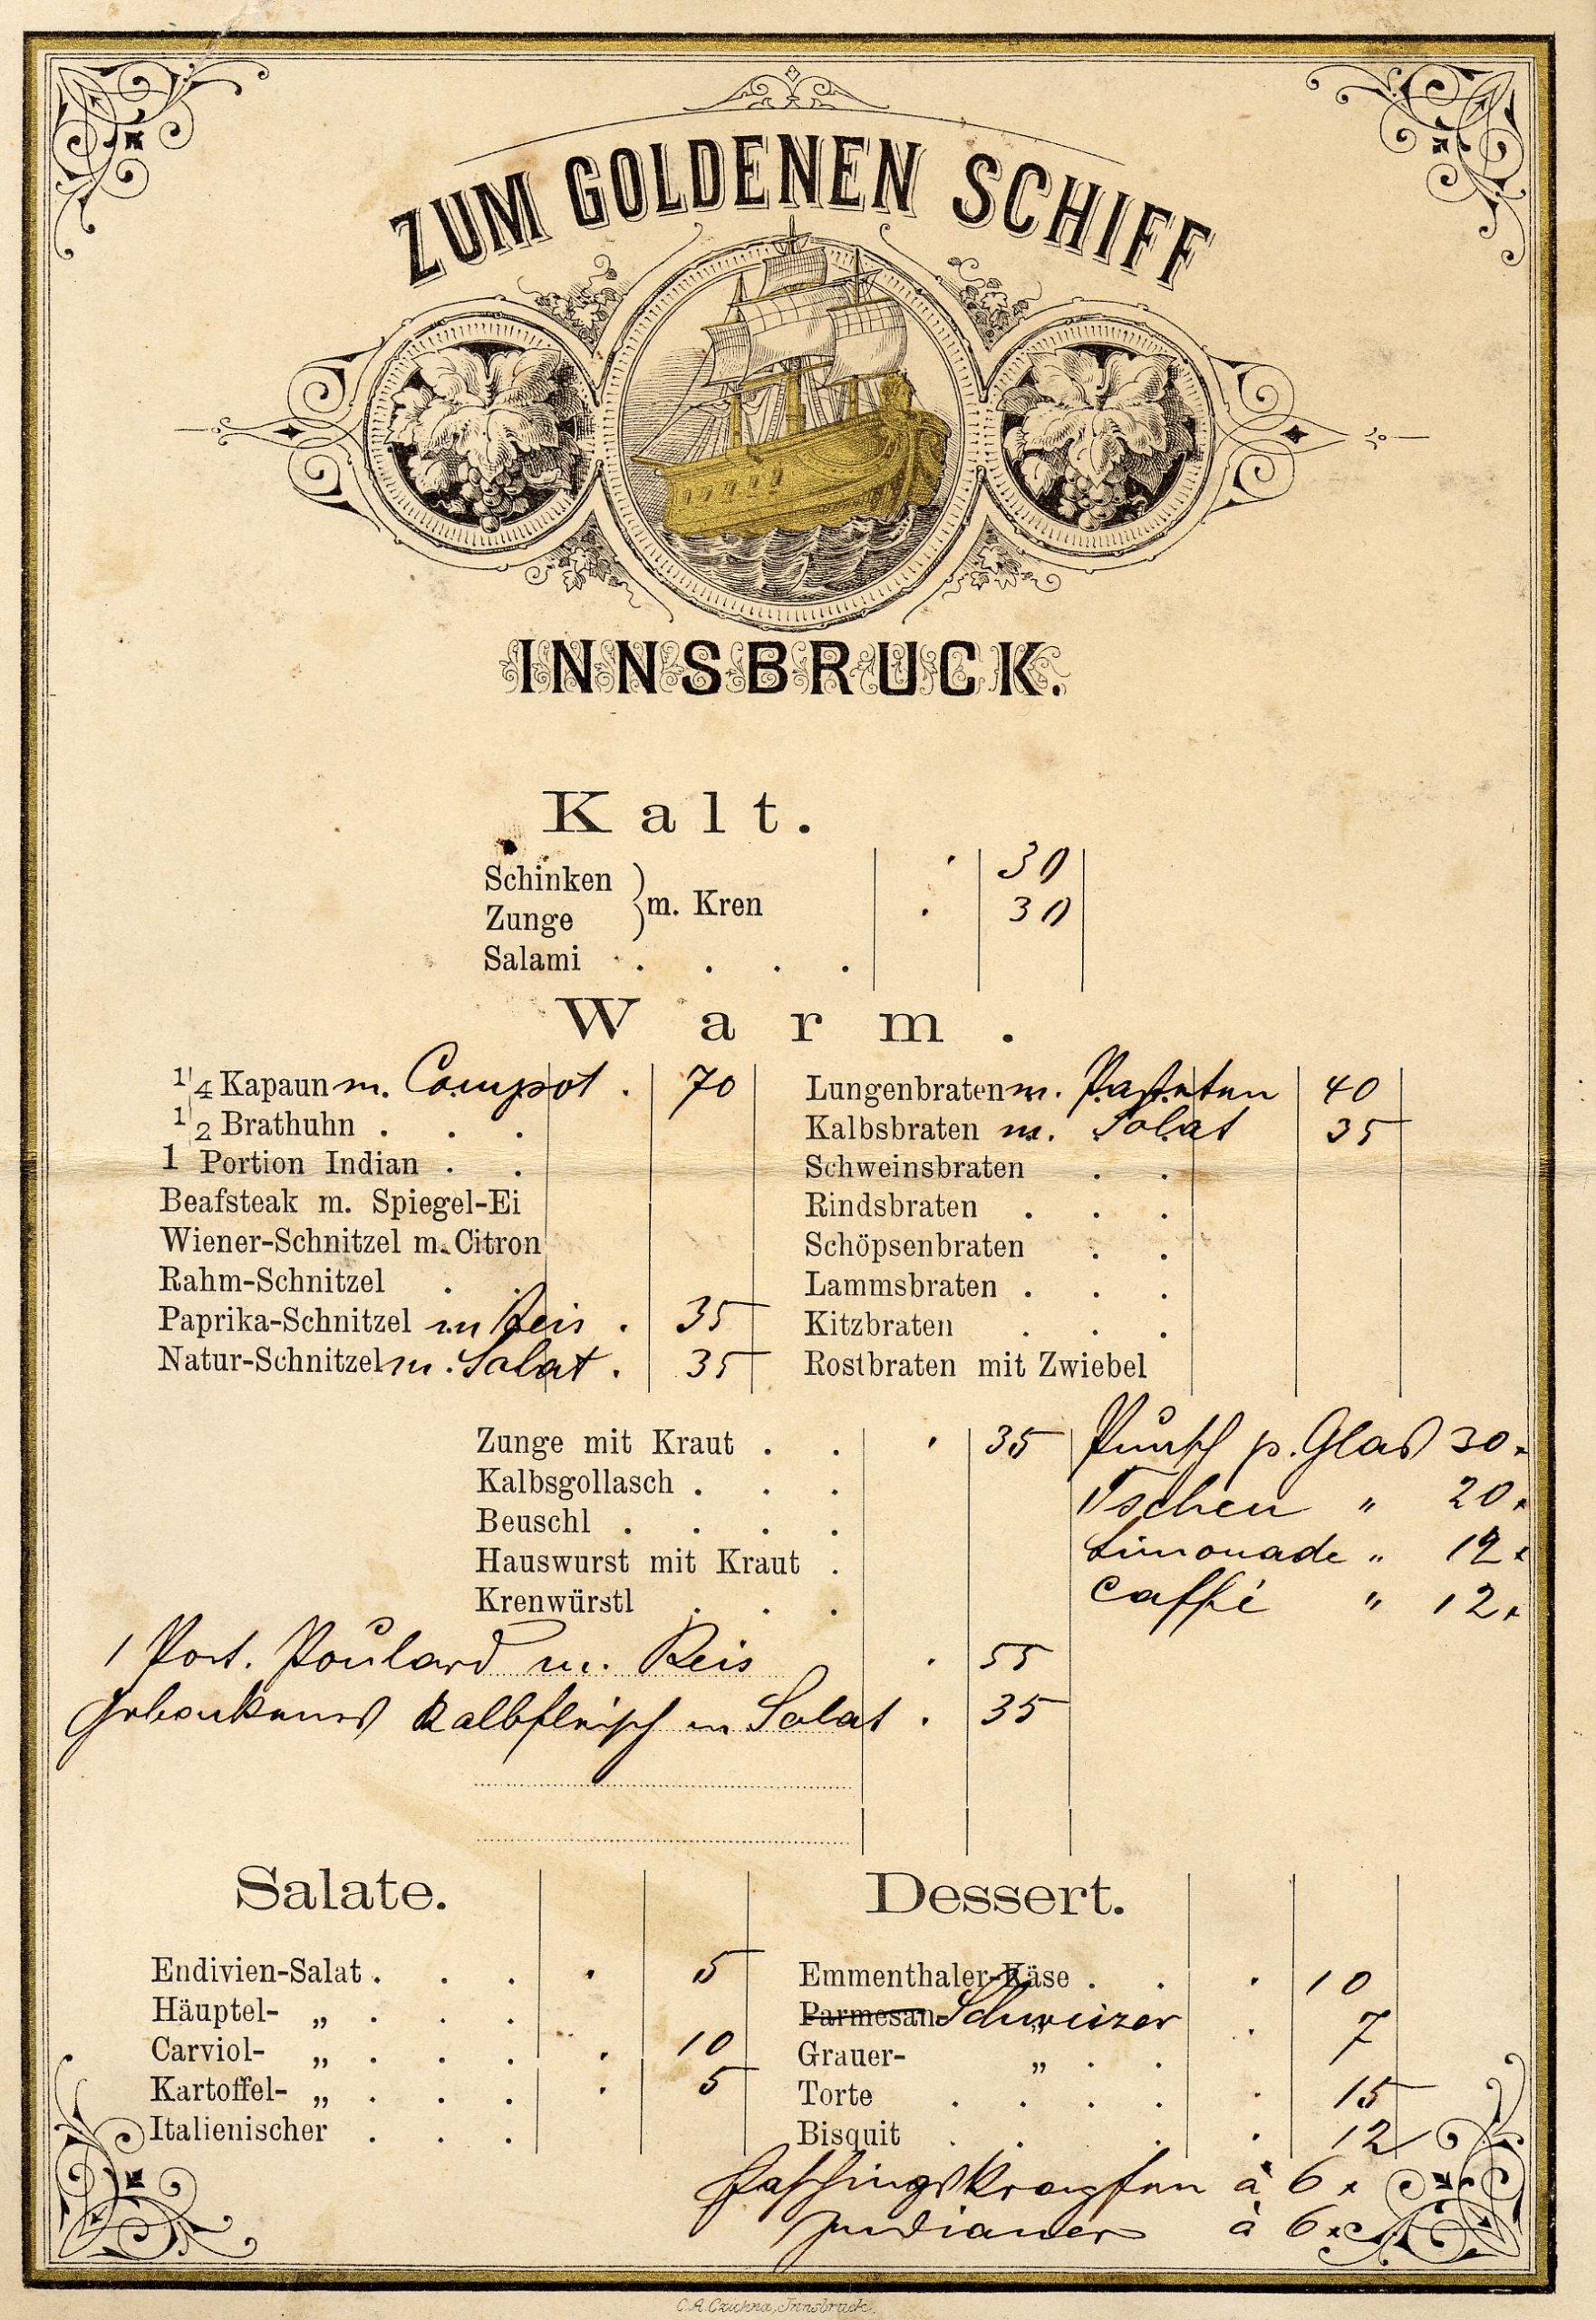 Dinner For Innsbruck